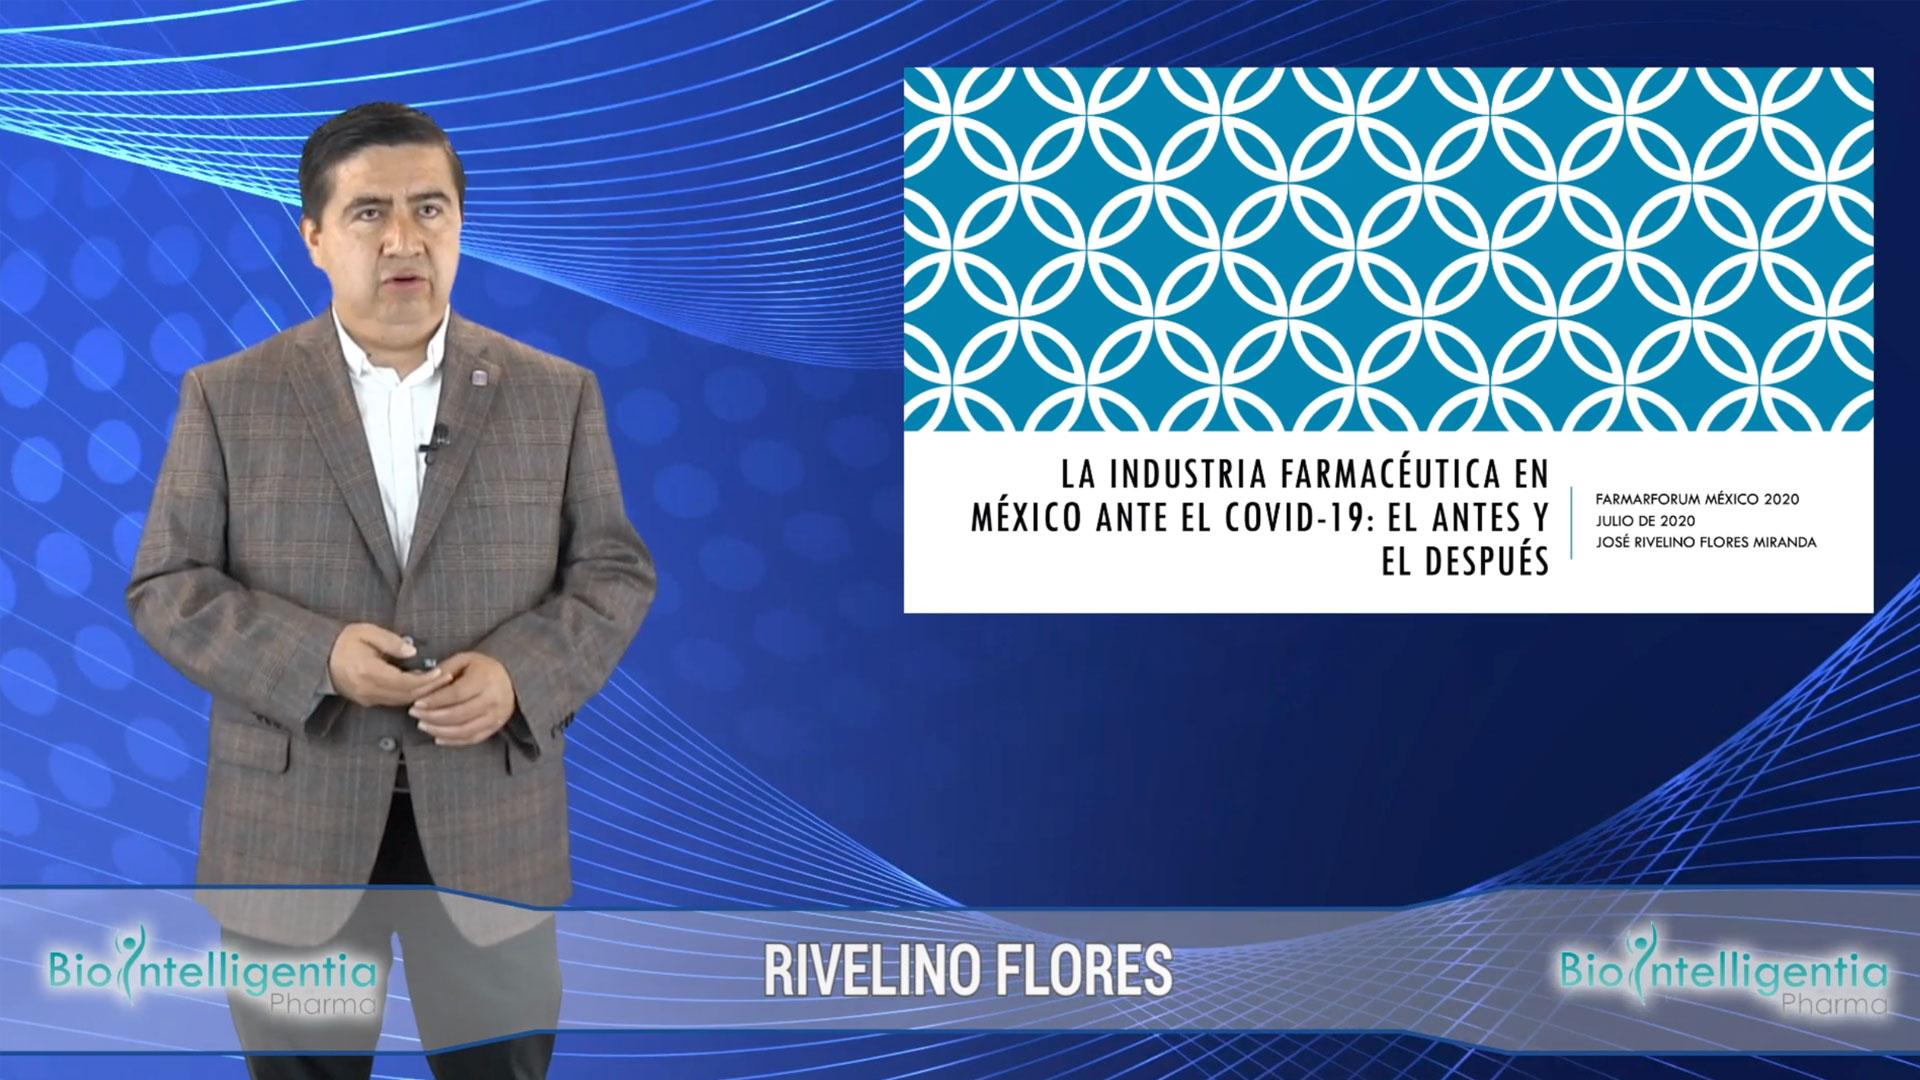 RIVELINO FLORES - La industria farmacéutica en México ante el Covid-19, el Antes y el Después